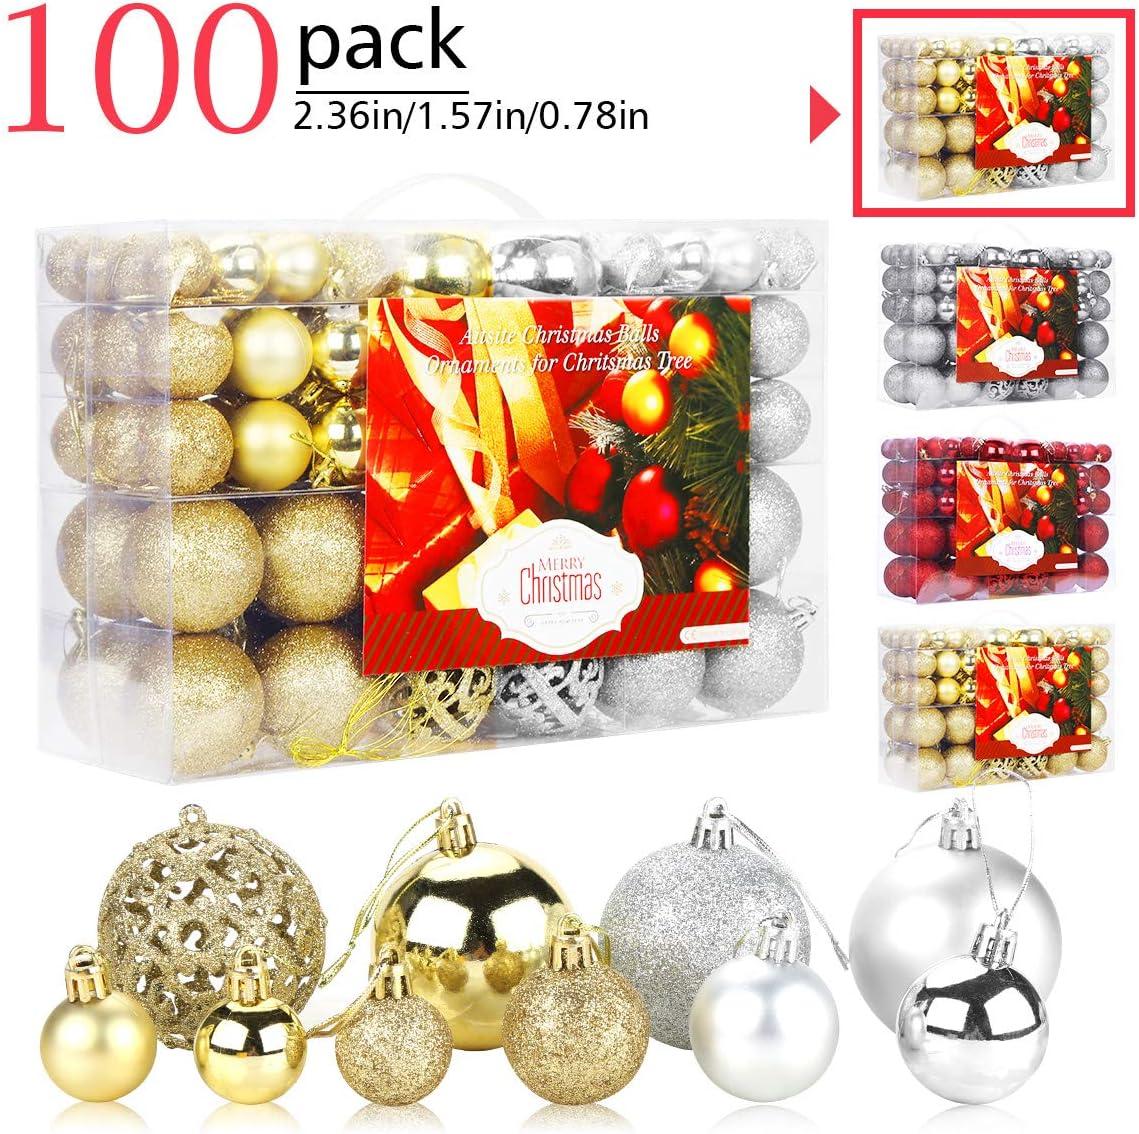 Aitsite Bolas de Navidad 6 cm Bolas de árbol de Navidad Adorno de Pared Colgante de Pared Adornos Decoraciones Árbol Bolas Decorativas Boda de Fiesta Suministro Hogar Decoraciones para Festivales